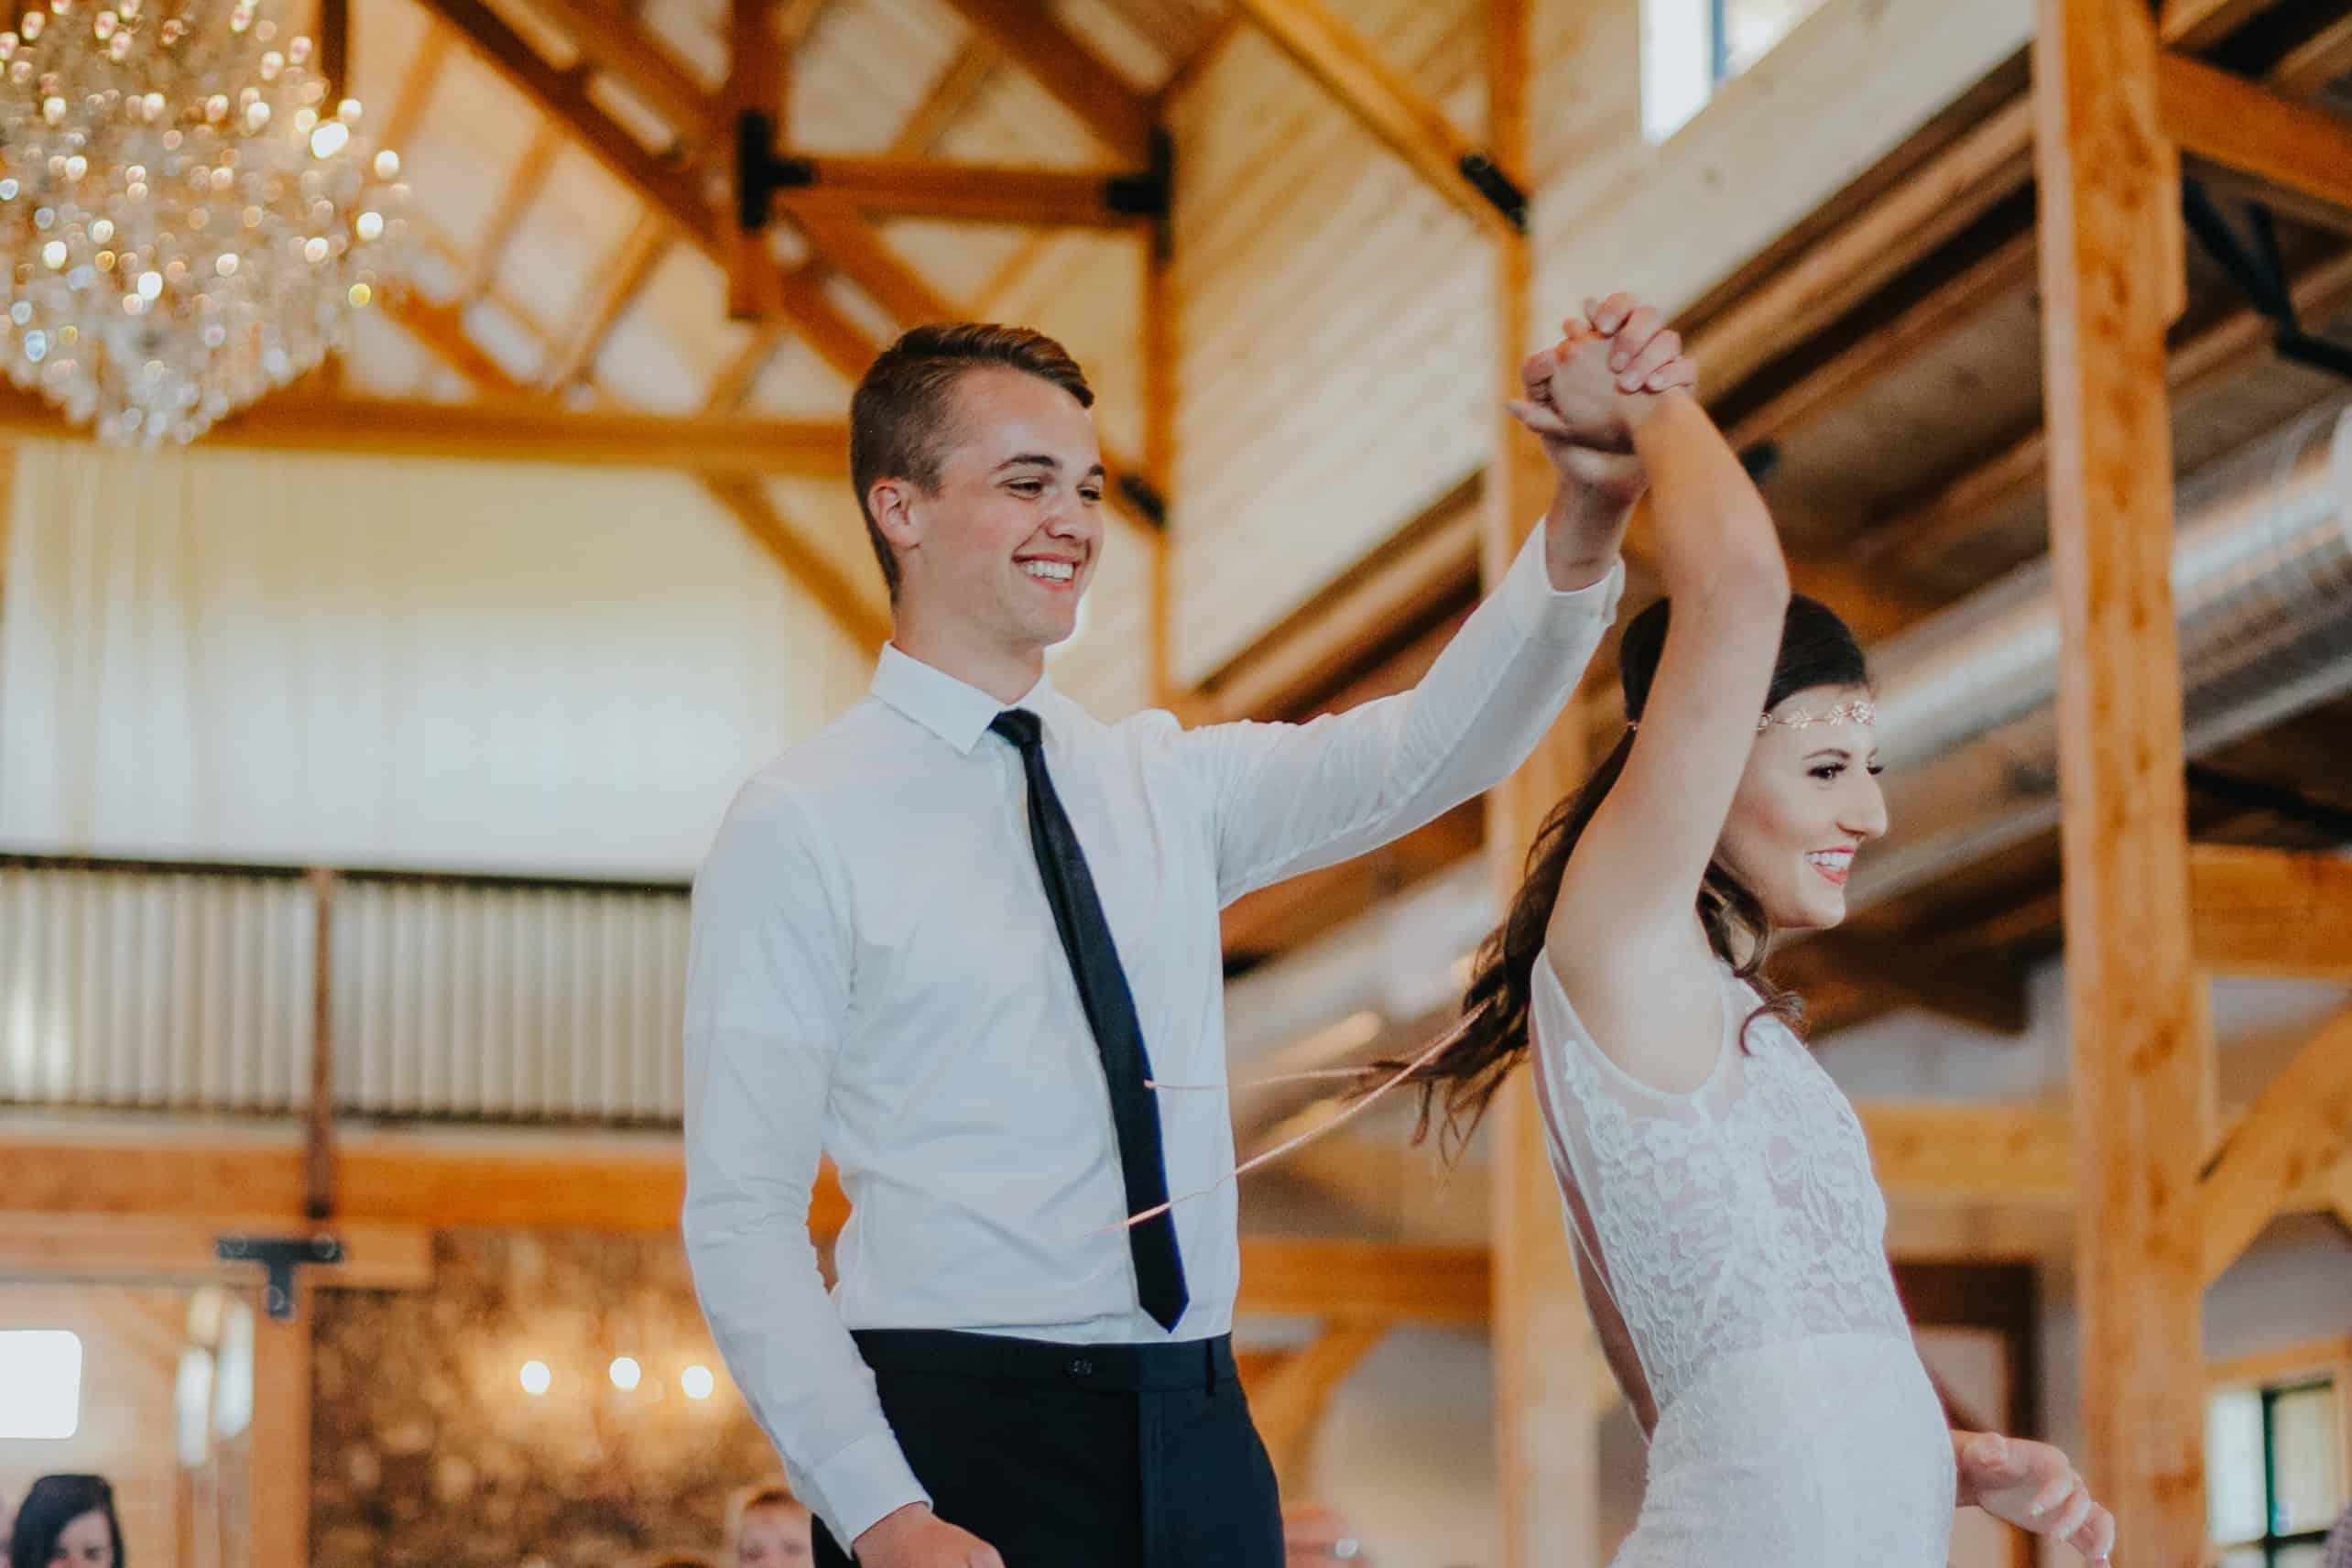 Wedding Reception The Meadow Barn